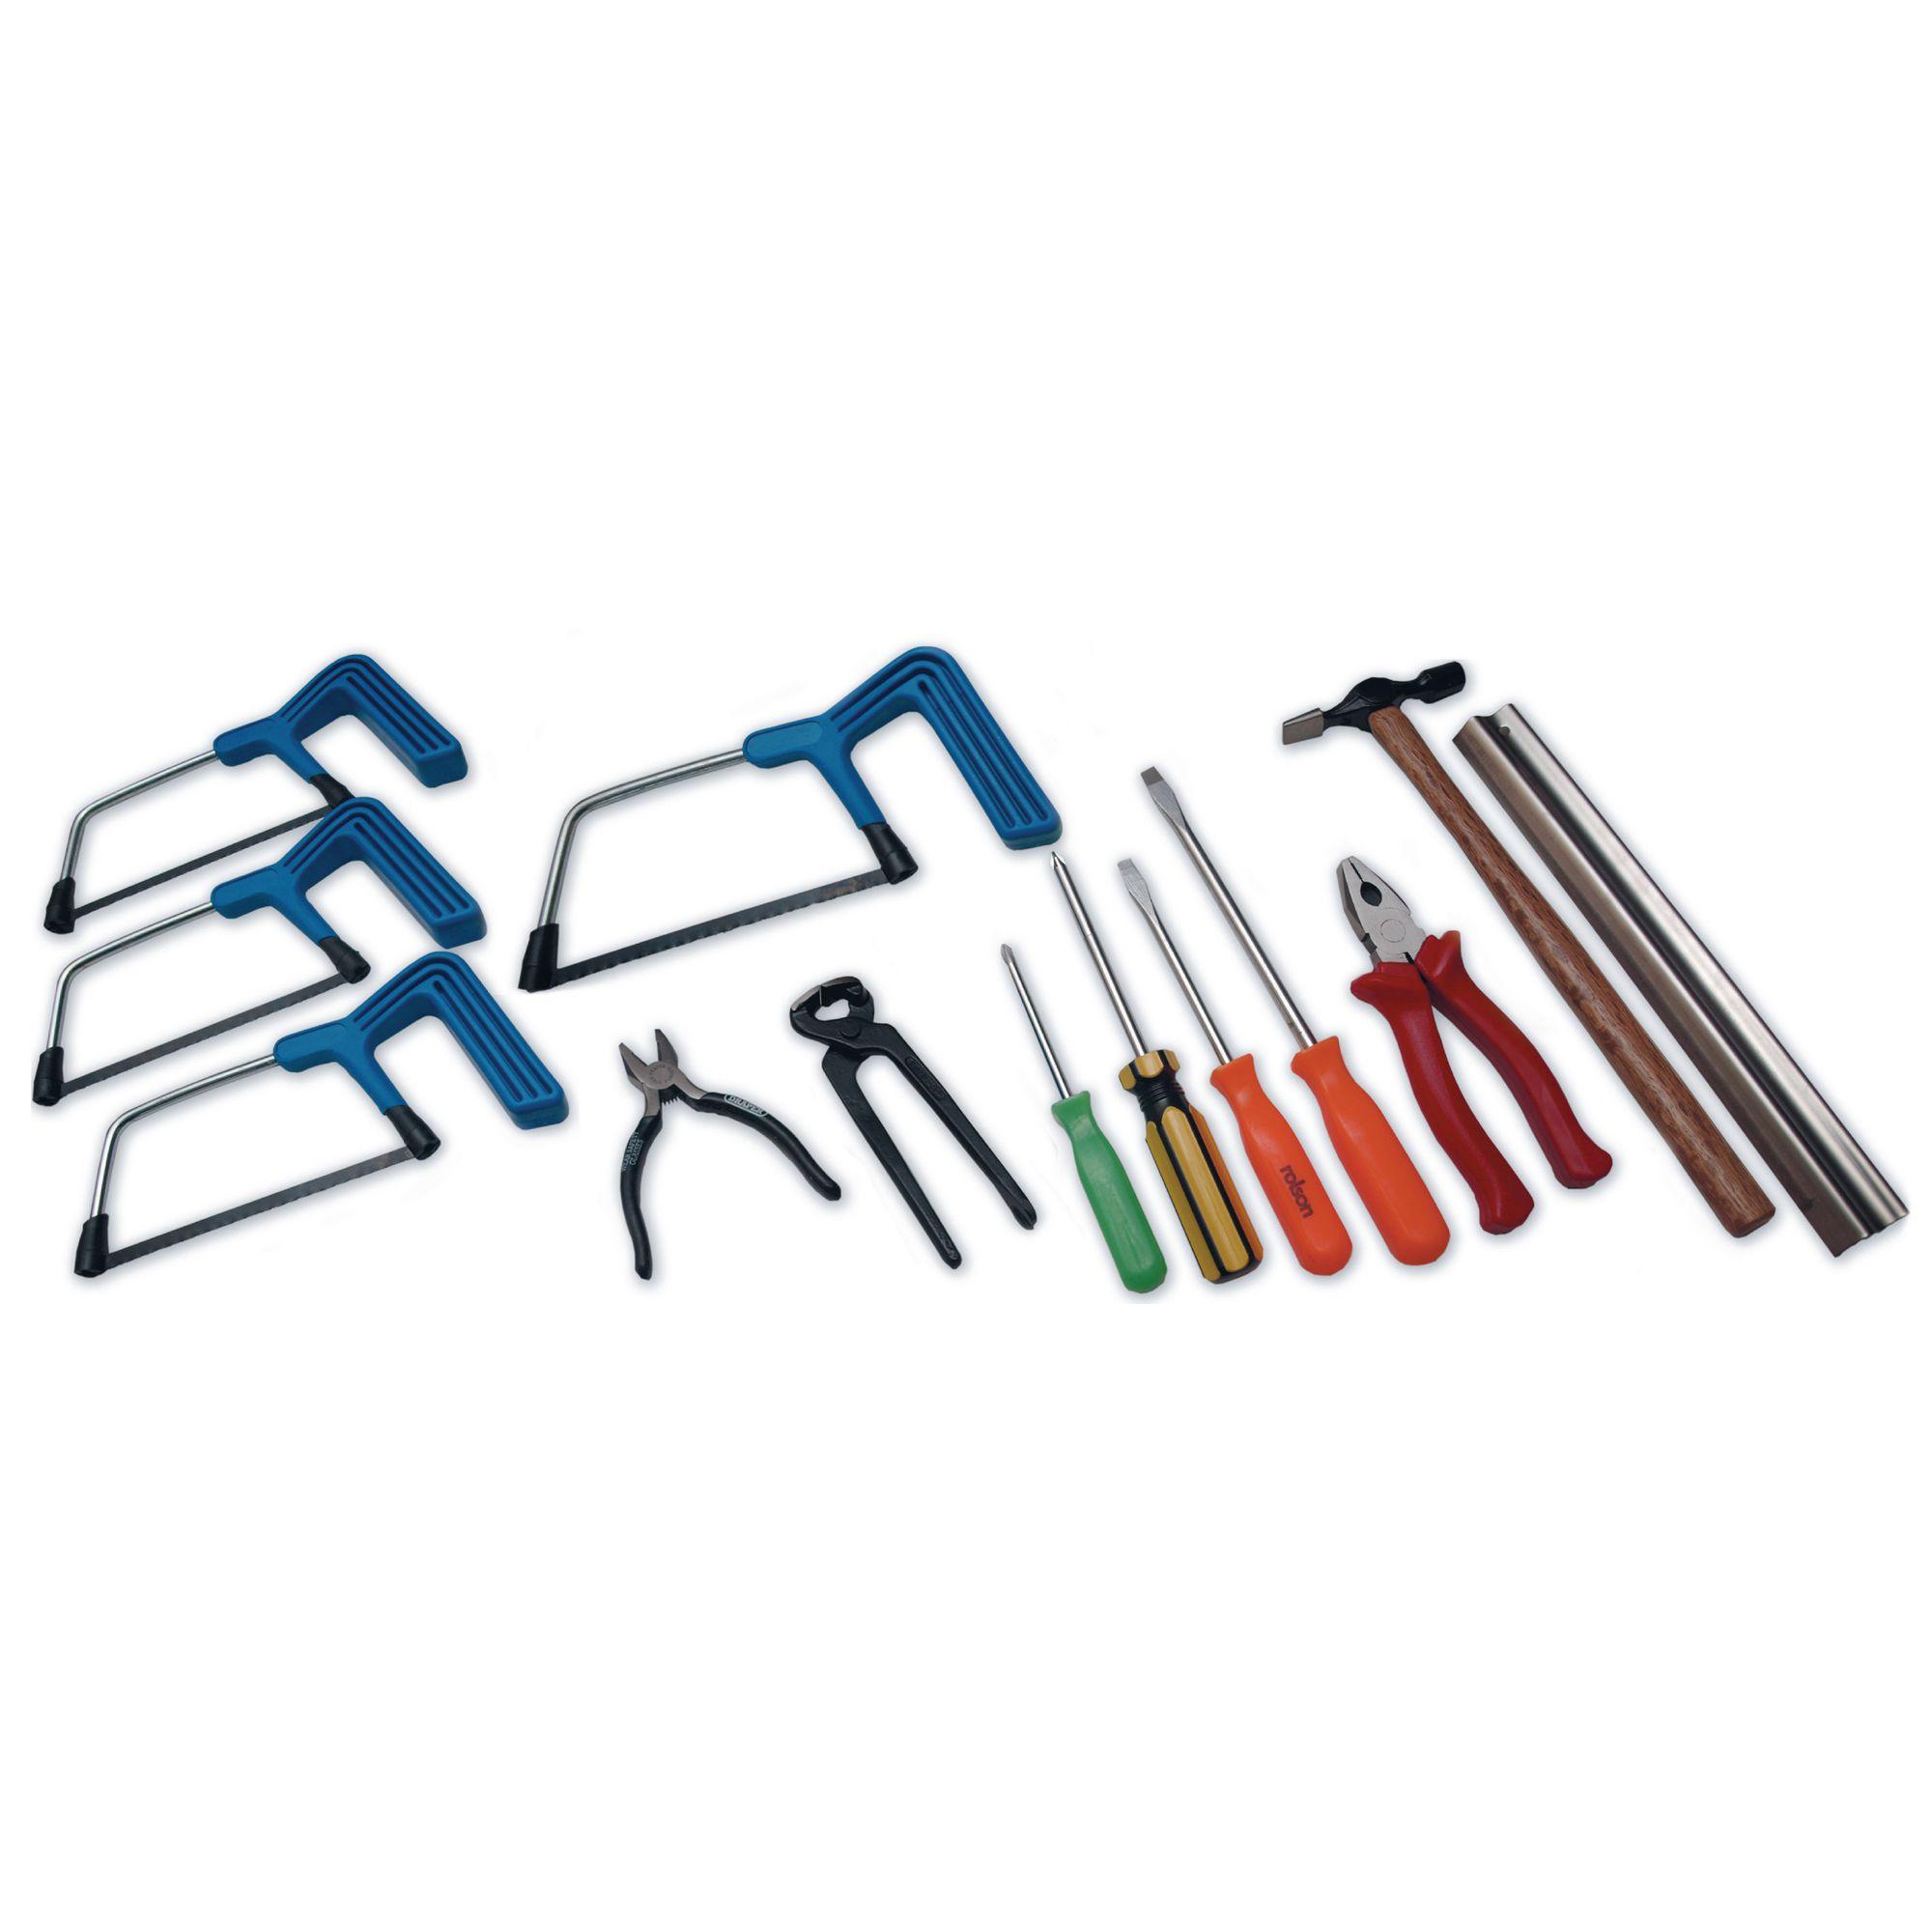 Starter Tool Pack Hope Education